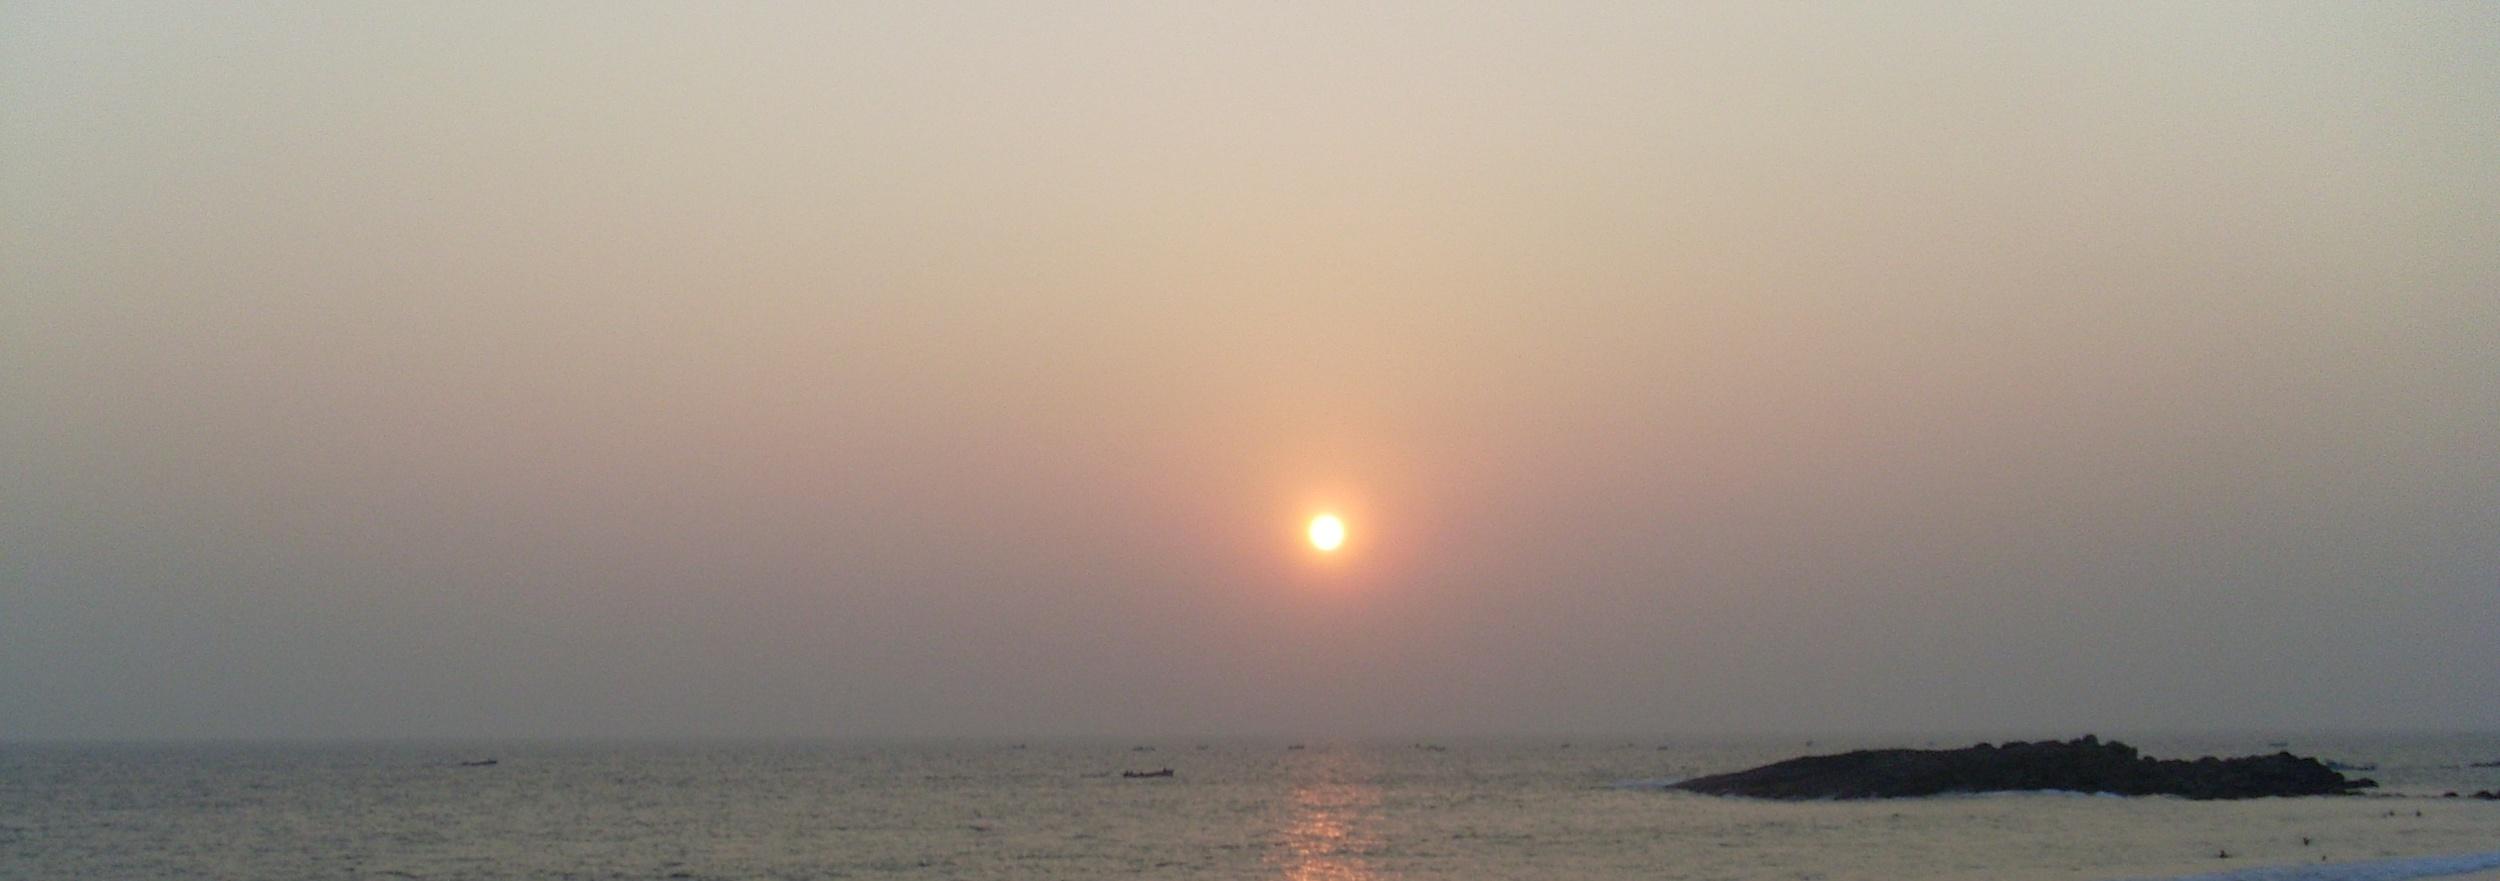 Sunset over Lighthouse beach